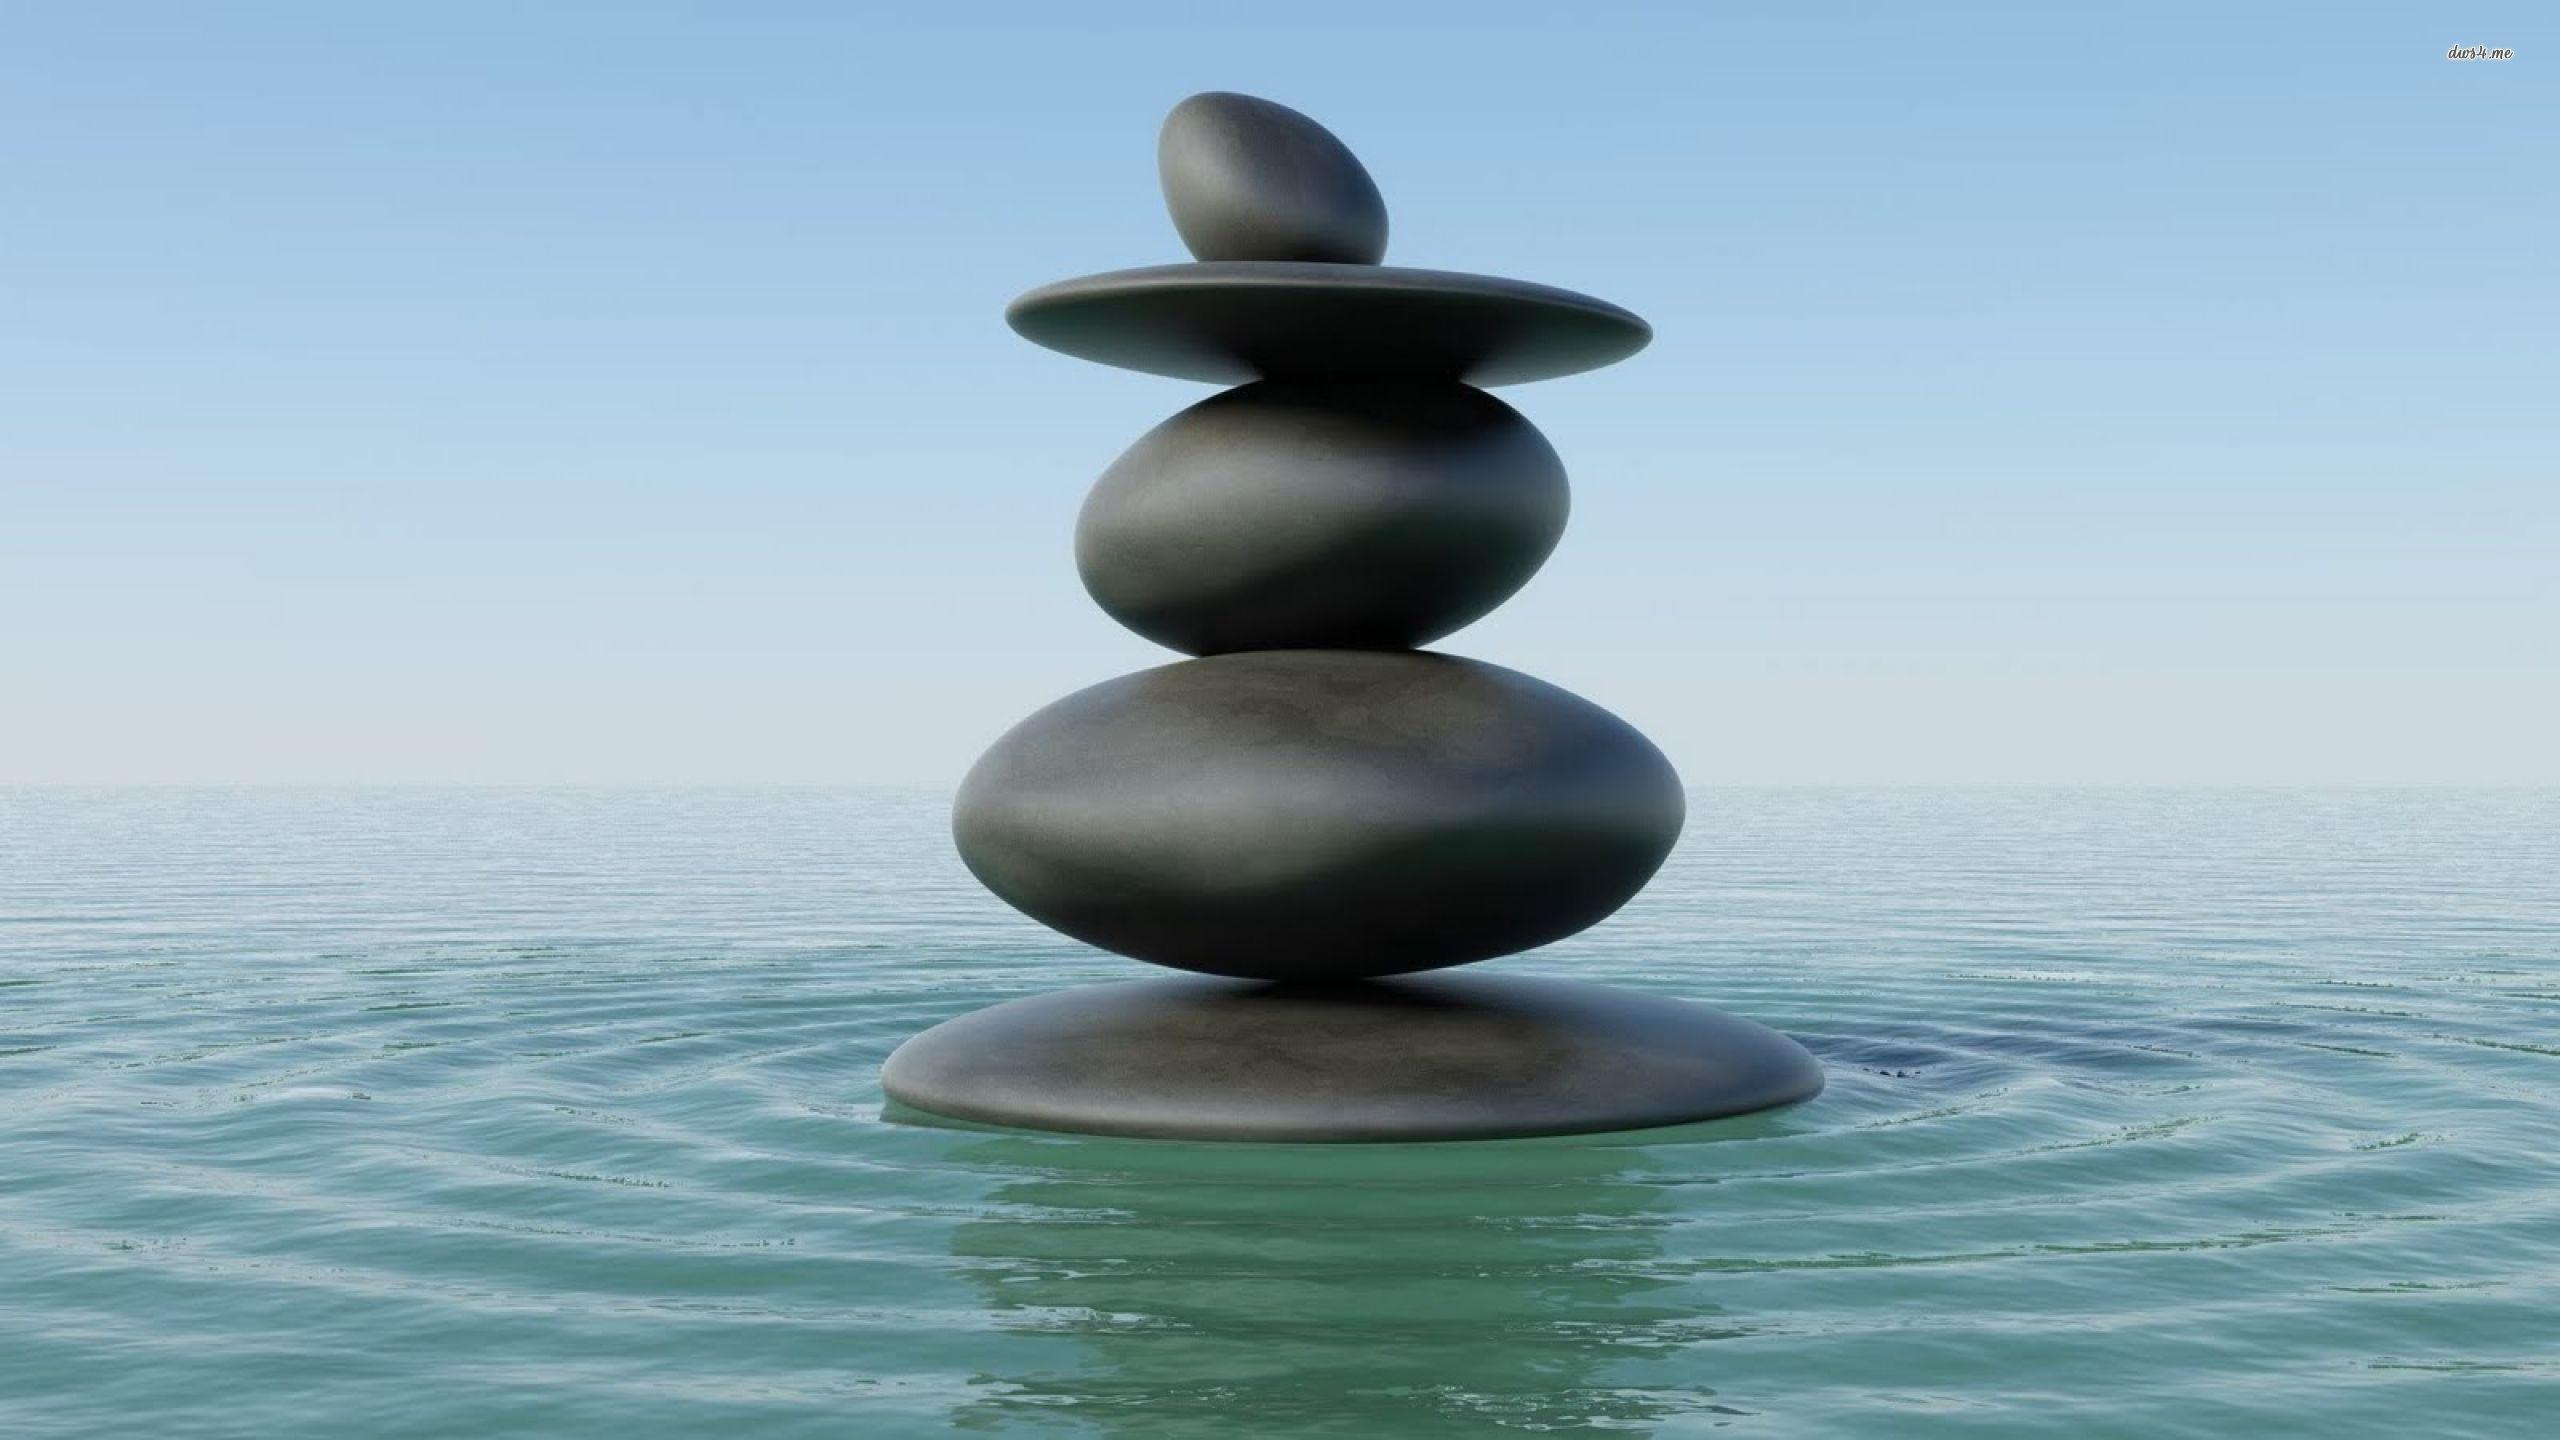 Zen stones in water wallpaper   Digital Art wallpapers   27660 2560x1440